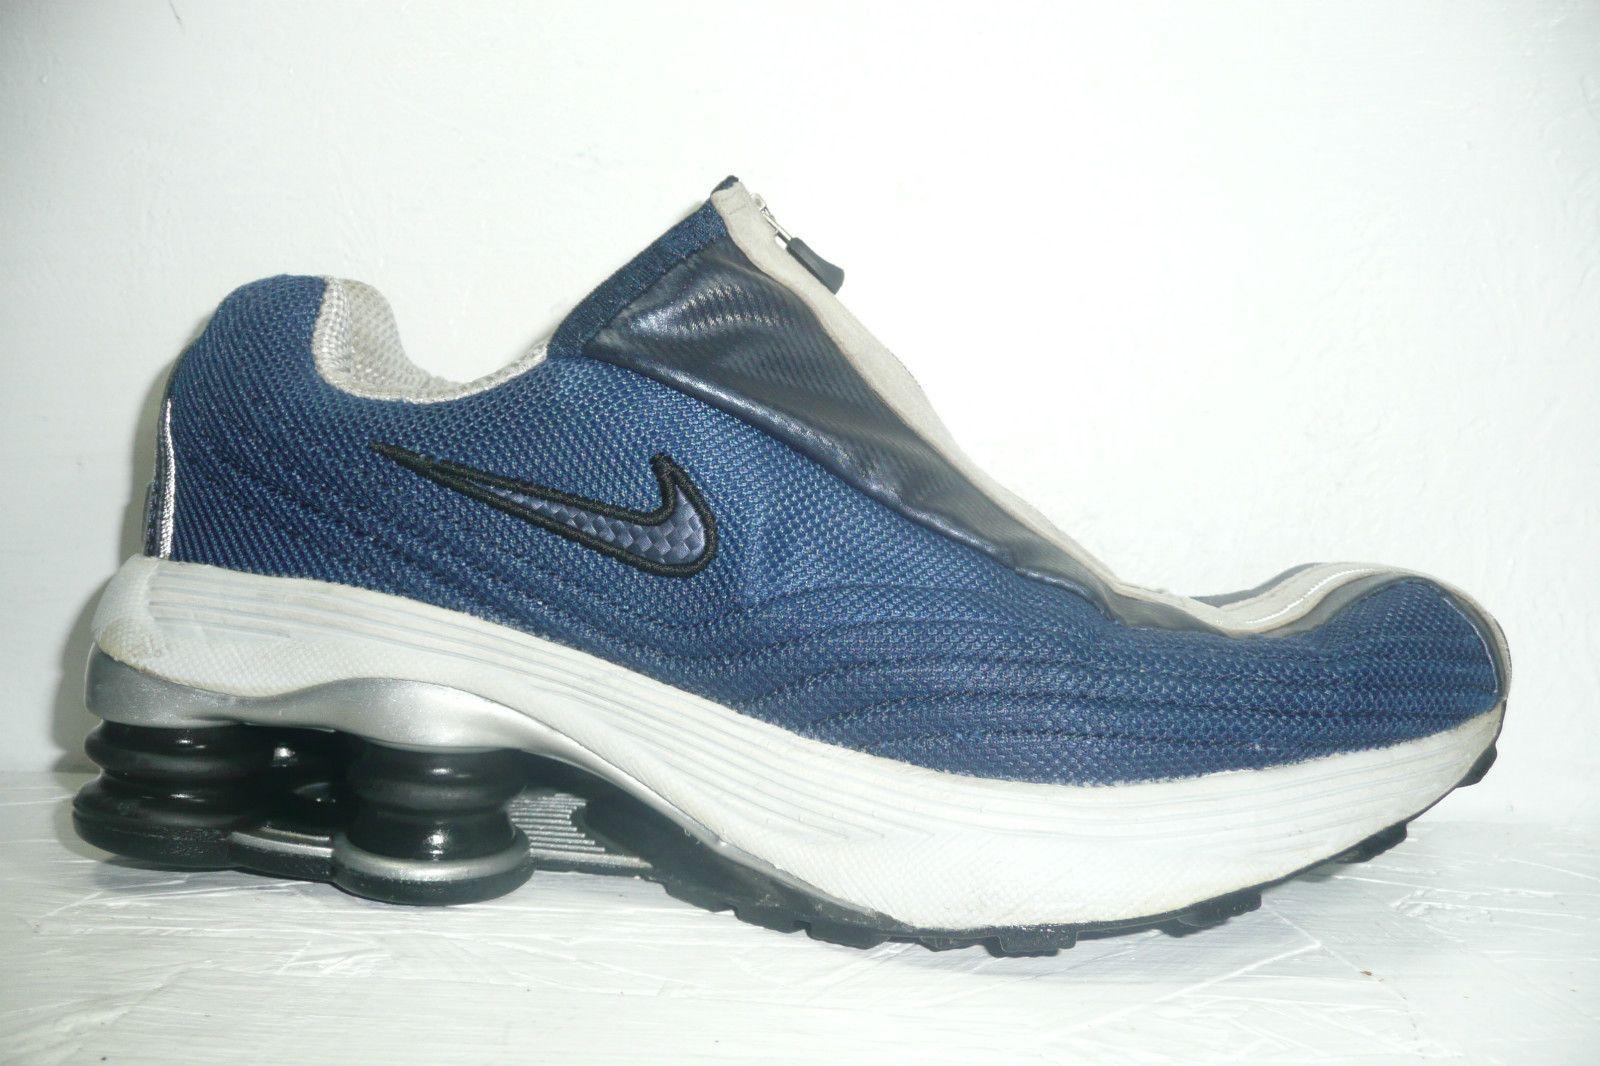 Nike Shox R4 Plus